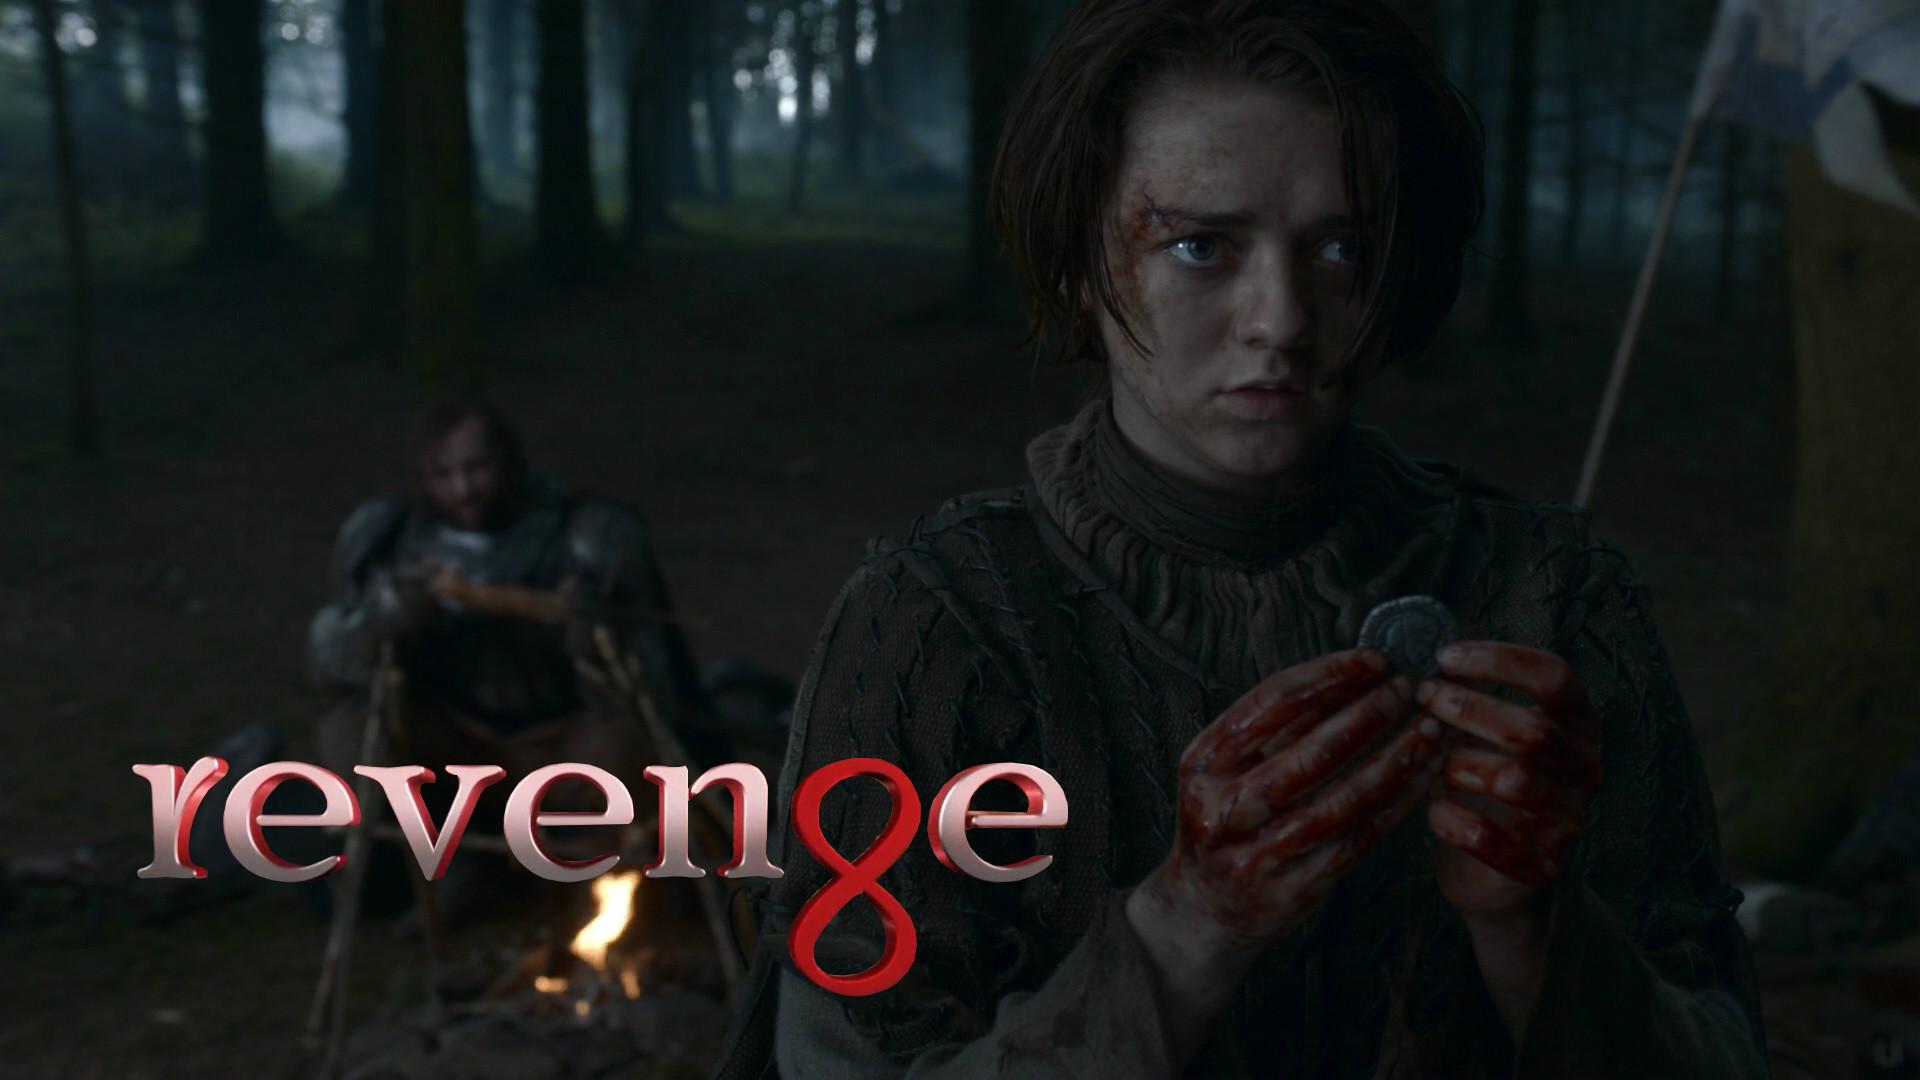 Arya Stark in Revenge